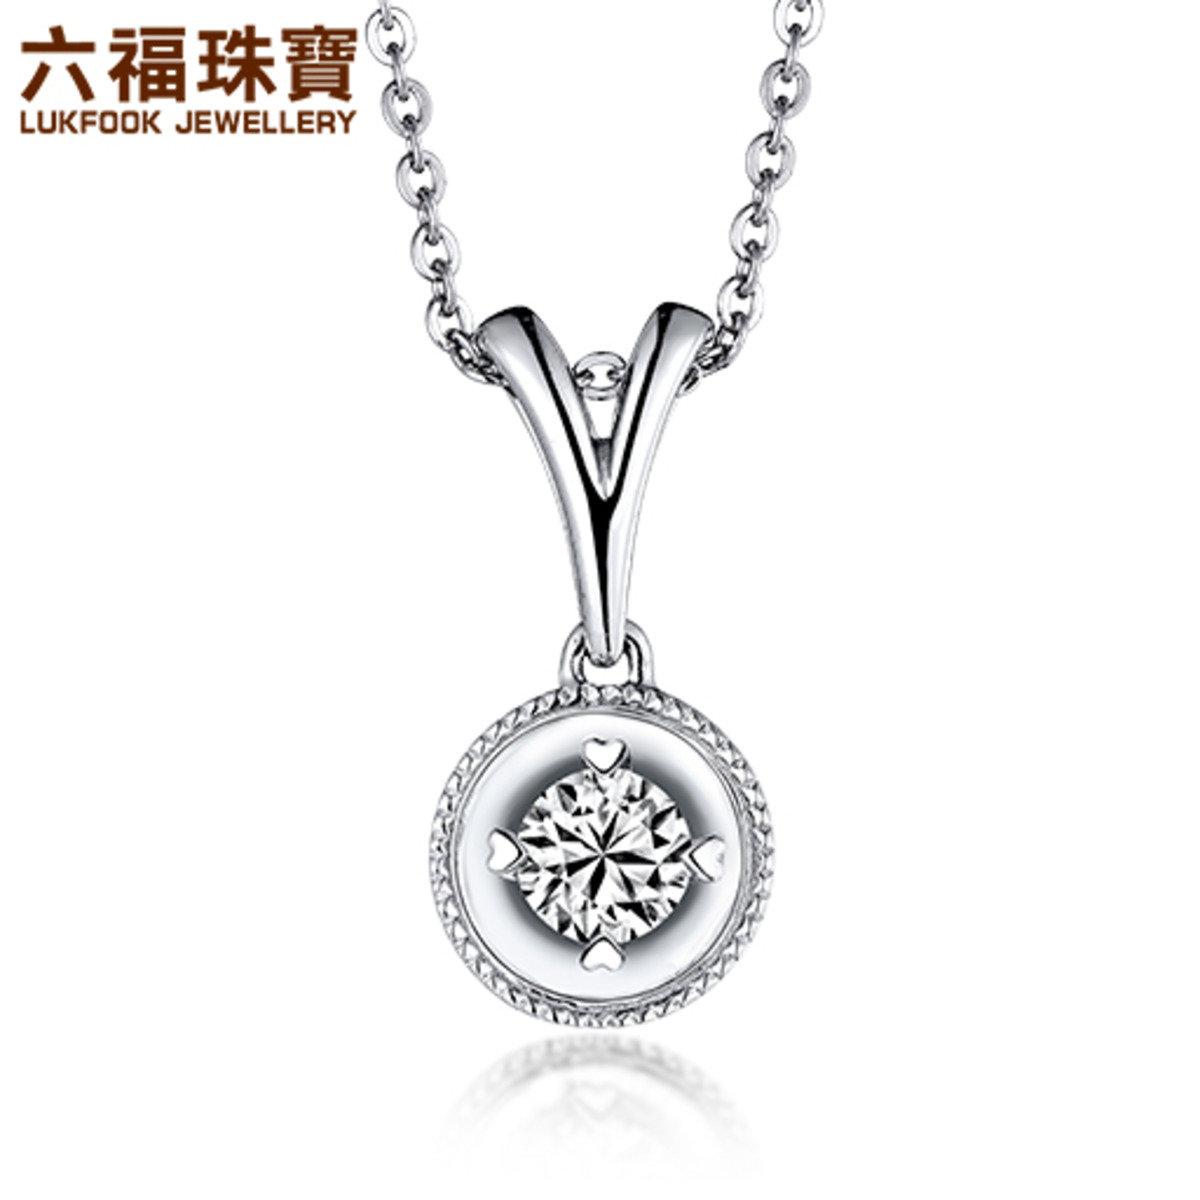 愛很美  女裝 18K/750金(白色)鑲單鑽石吊墜